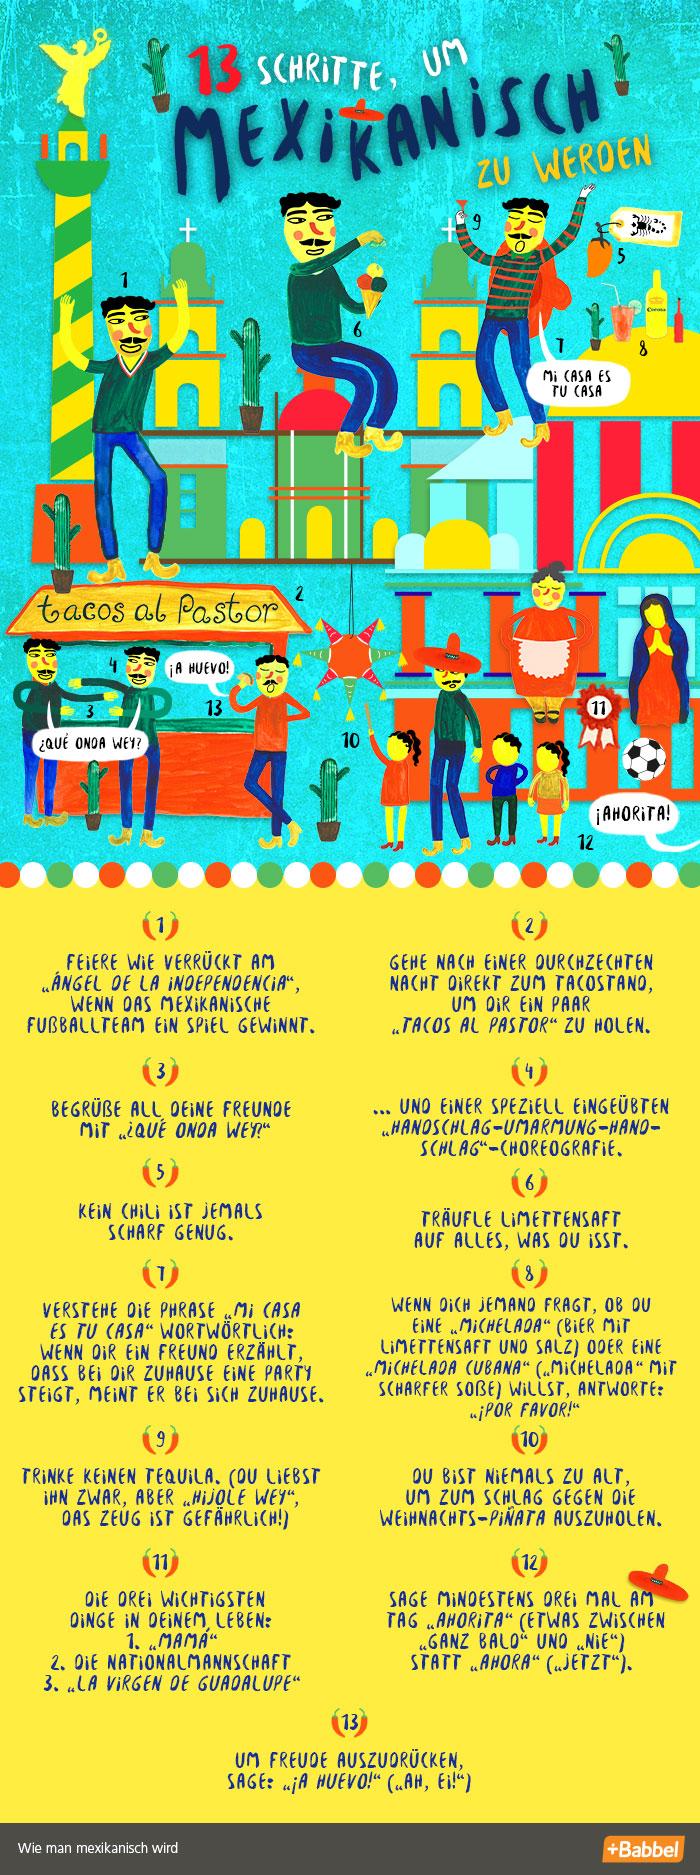 13 Schritte, um mexikanisch zu werden